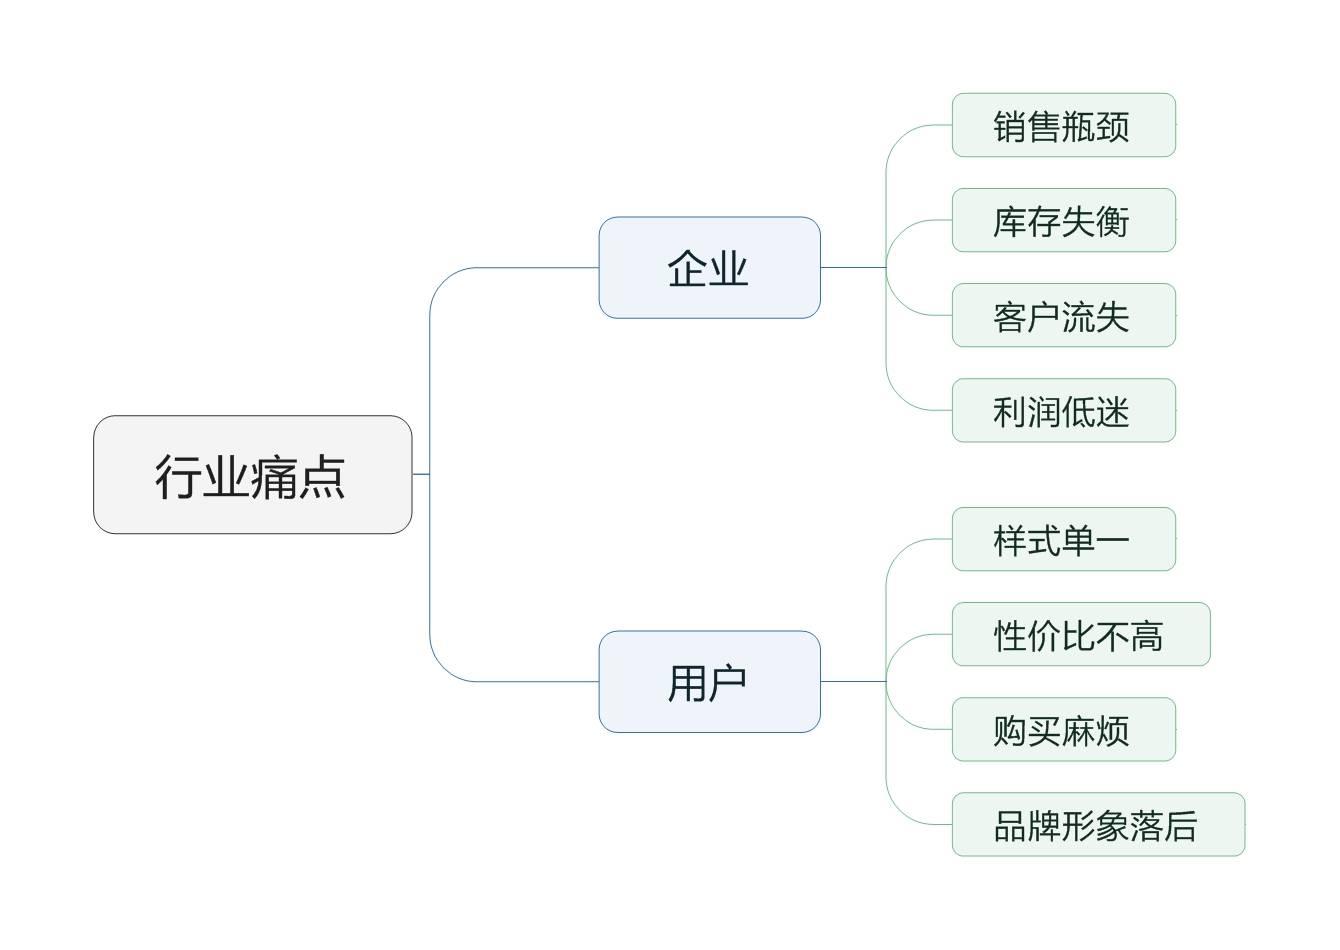 鸟哥笔记,行业动态,孙孜文,传统企业,互联网+